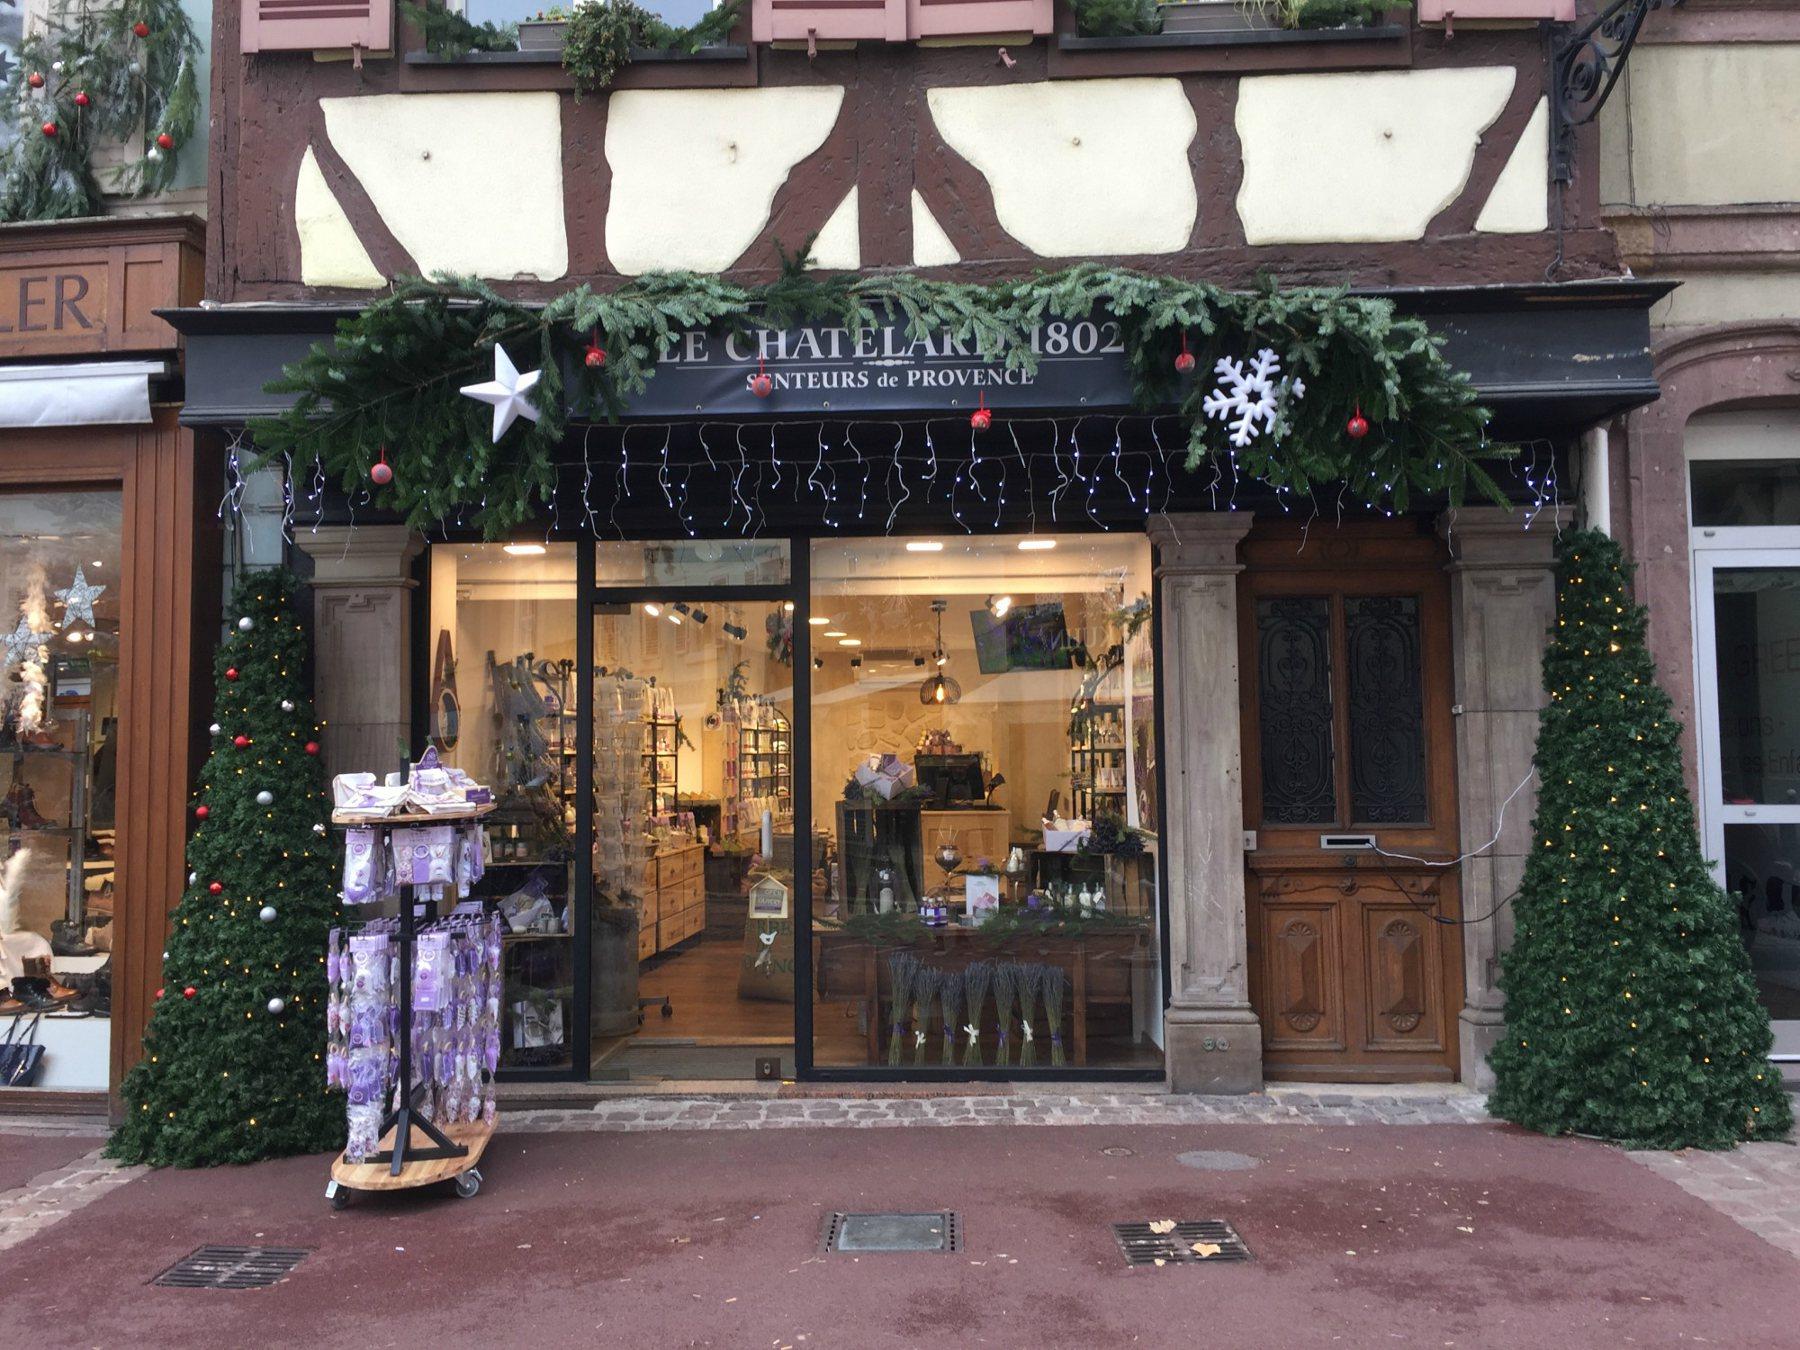 www.facebook.com/Le-Chatelard-1802-Colmar-531102630574054/